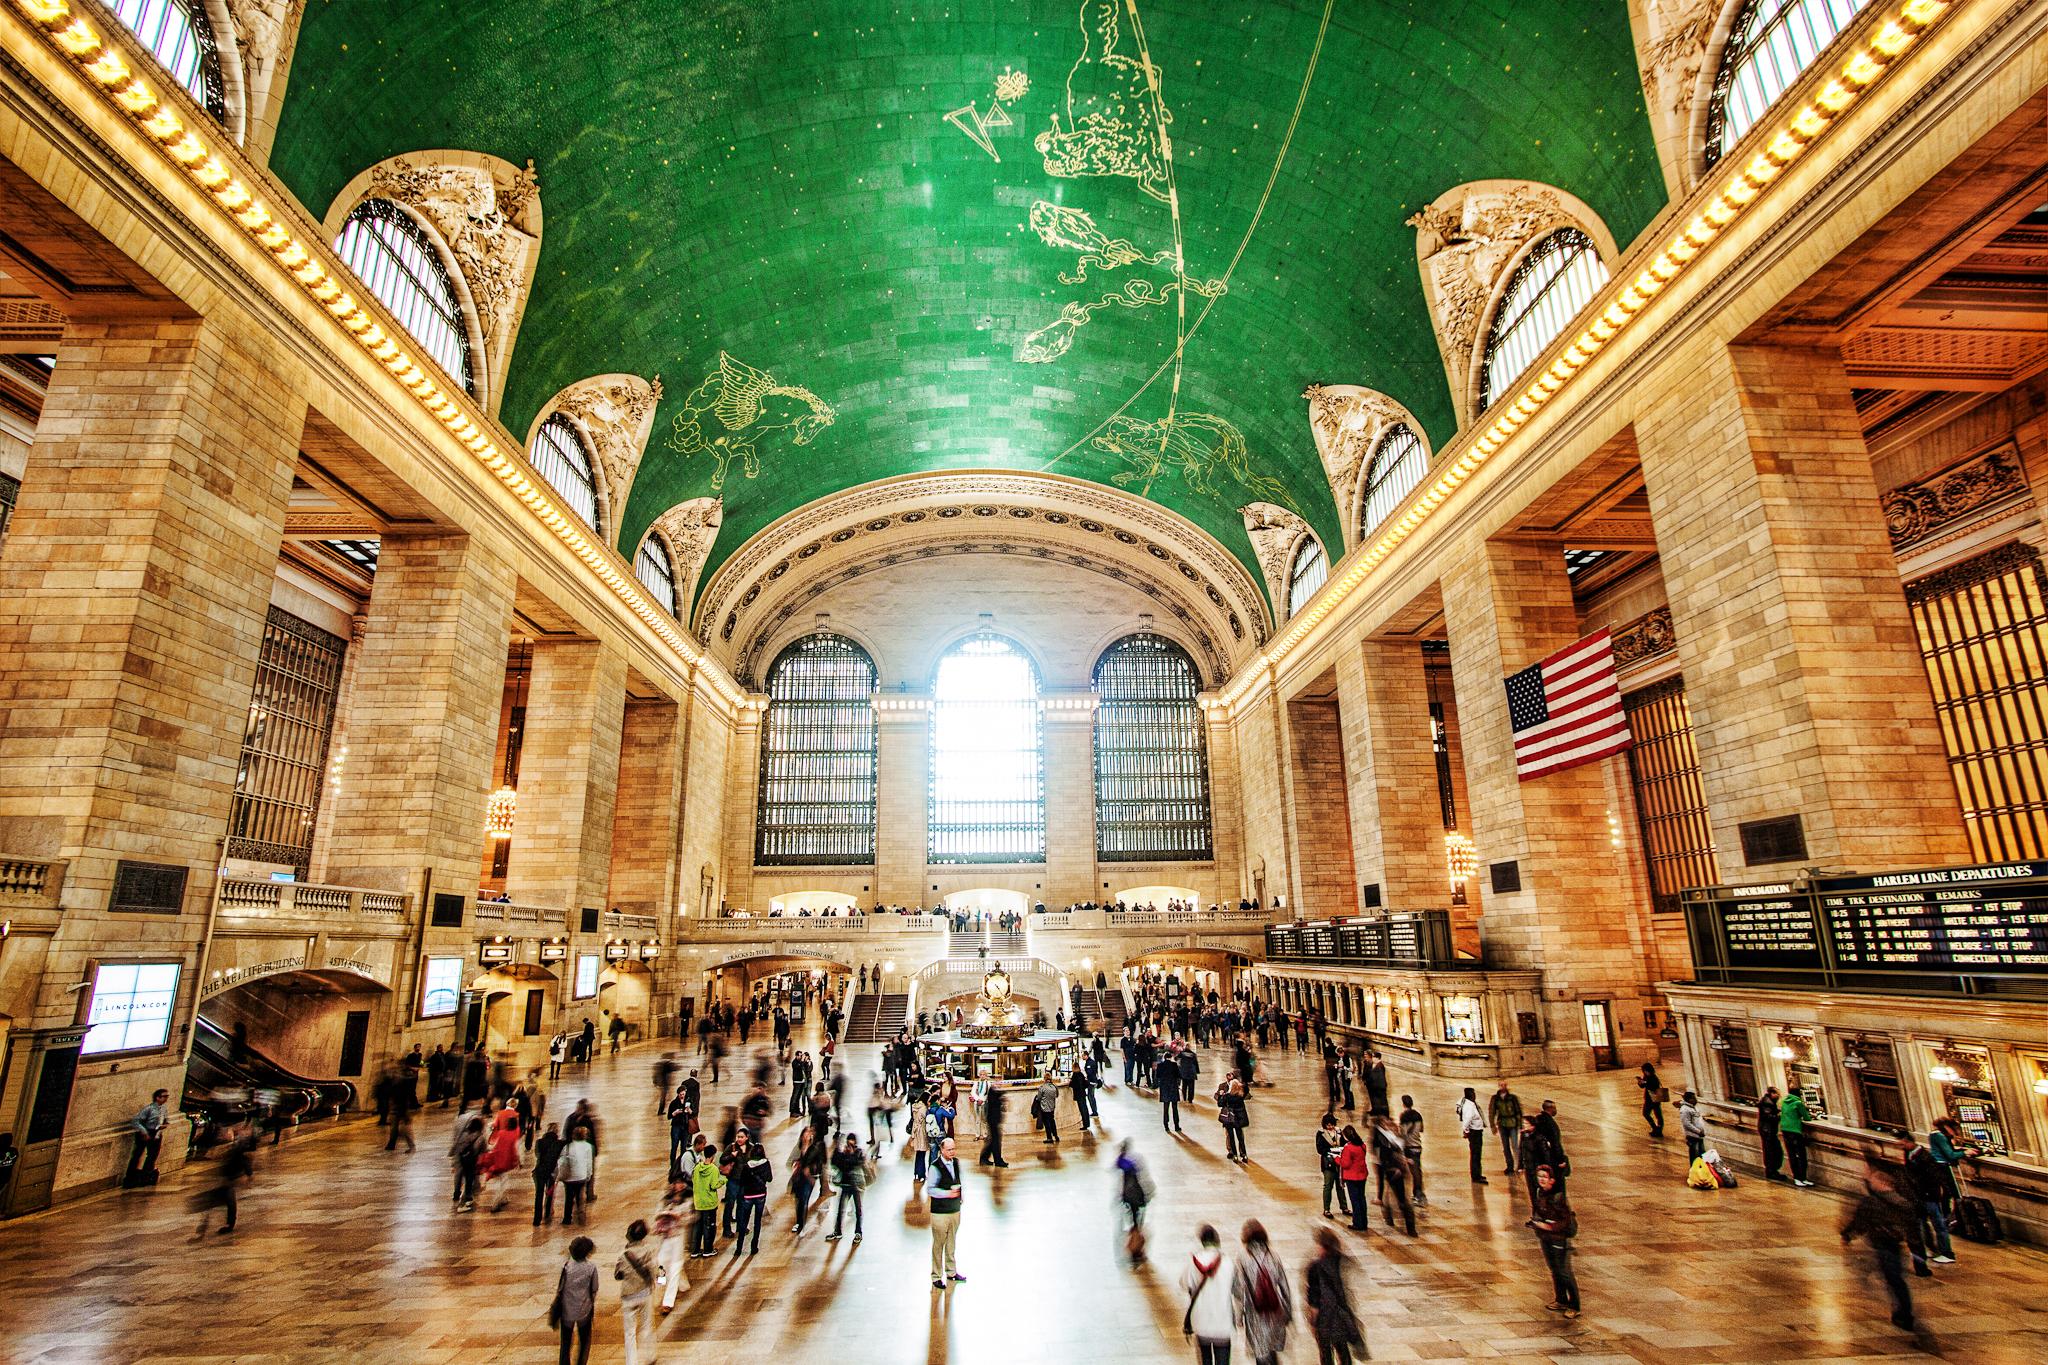 Grand_Central_Terminal_Lobby